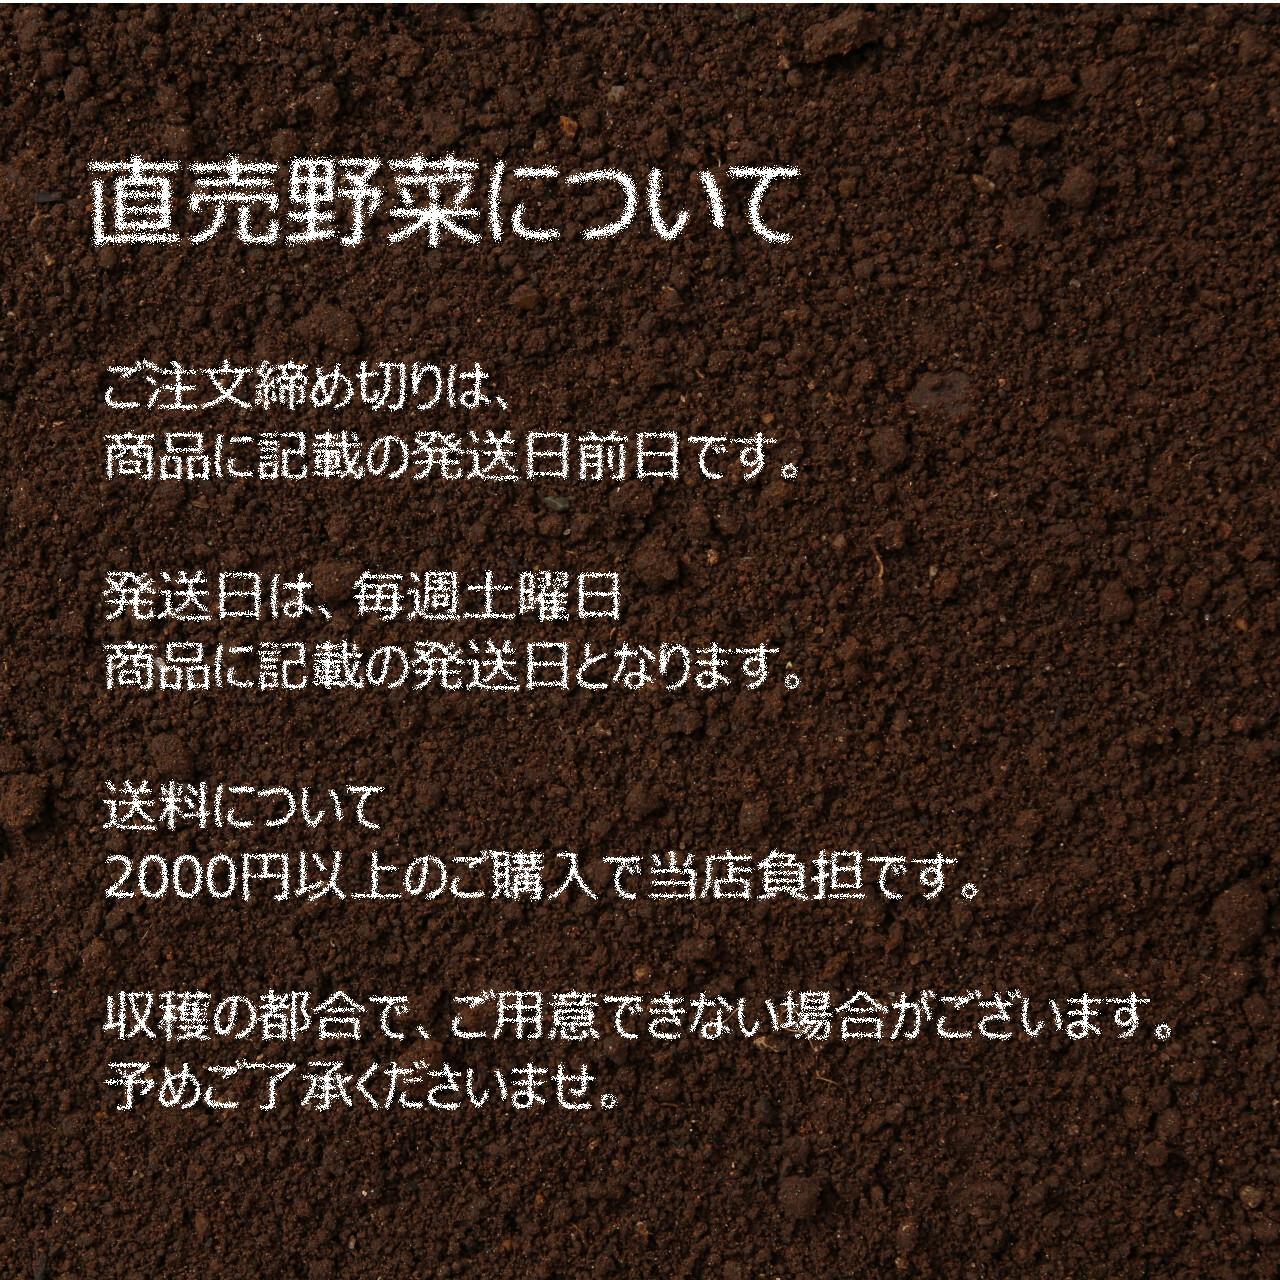 新鮮な夏野菜 : オクラ 約100g 8月の朝採り直売野菜 8月31日発送予定